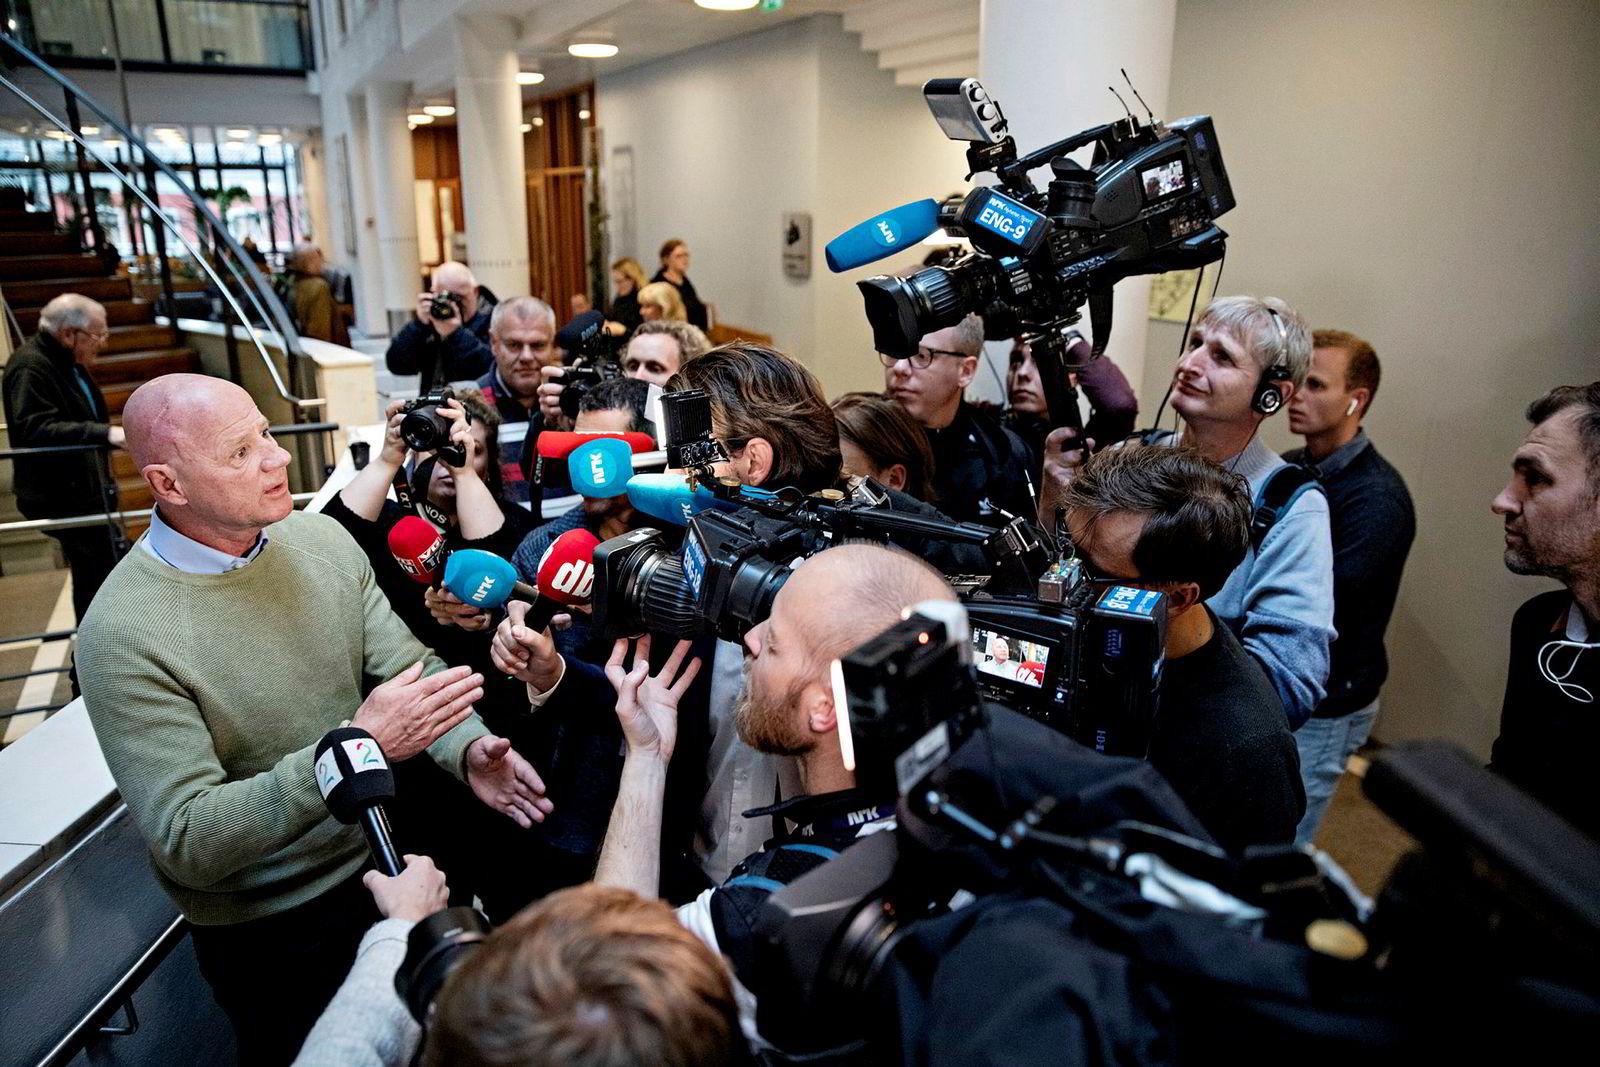 Jan Erik Iversen ombestemte seg og tillot fotografering utover dagen. Dermed ble trøkket stort da han møtte pressen utenfor rettssalen.